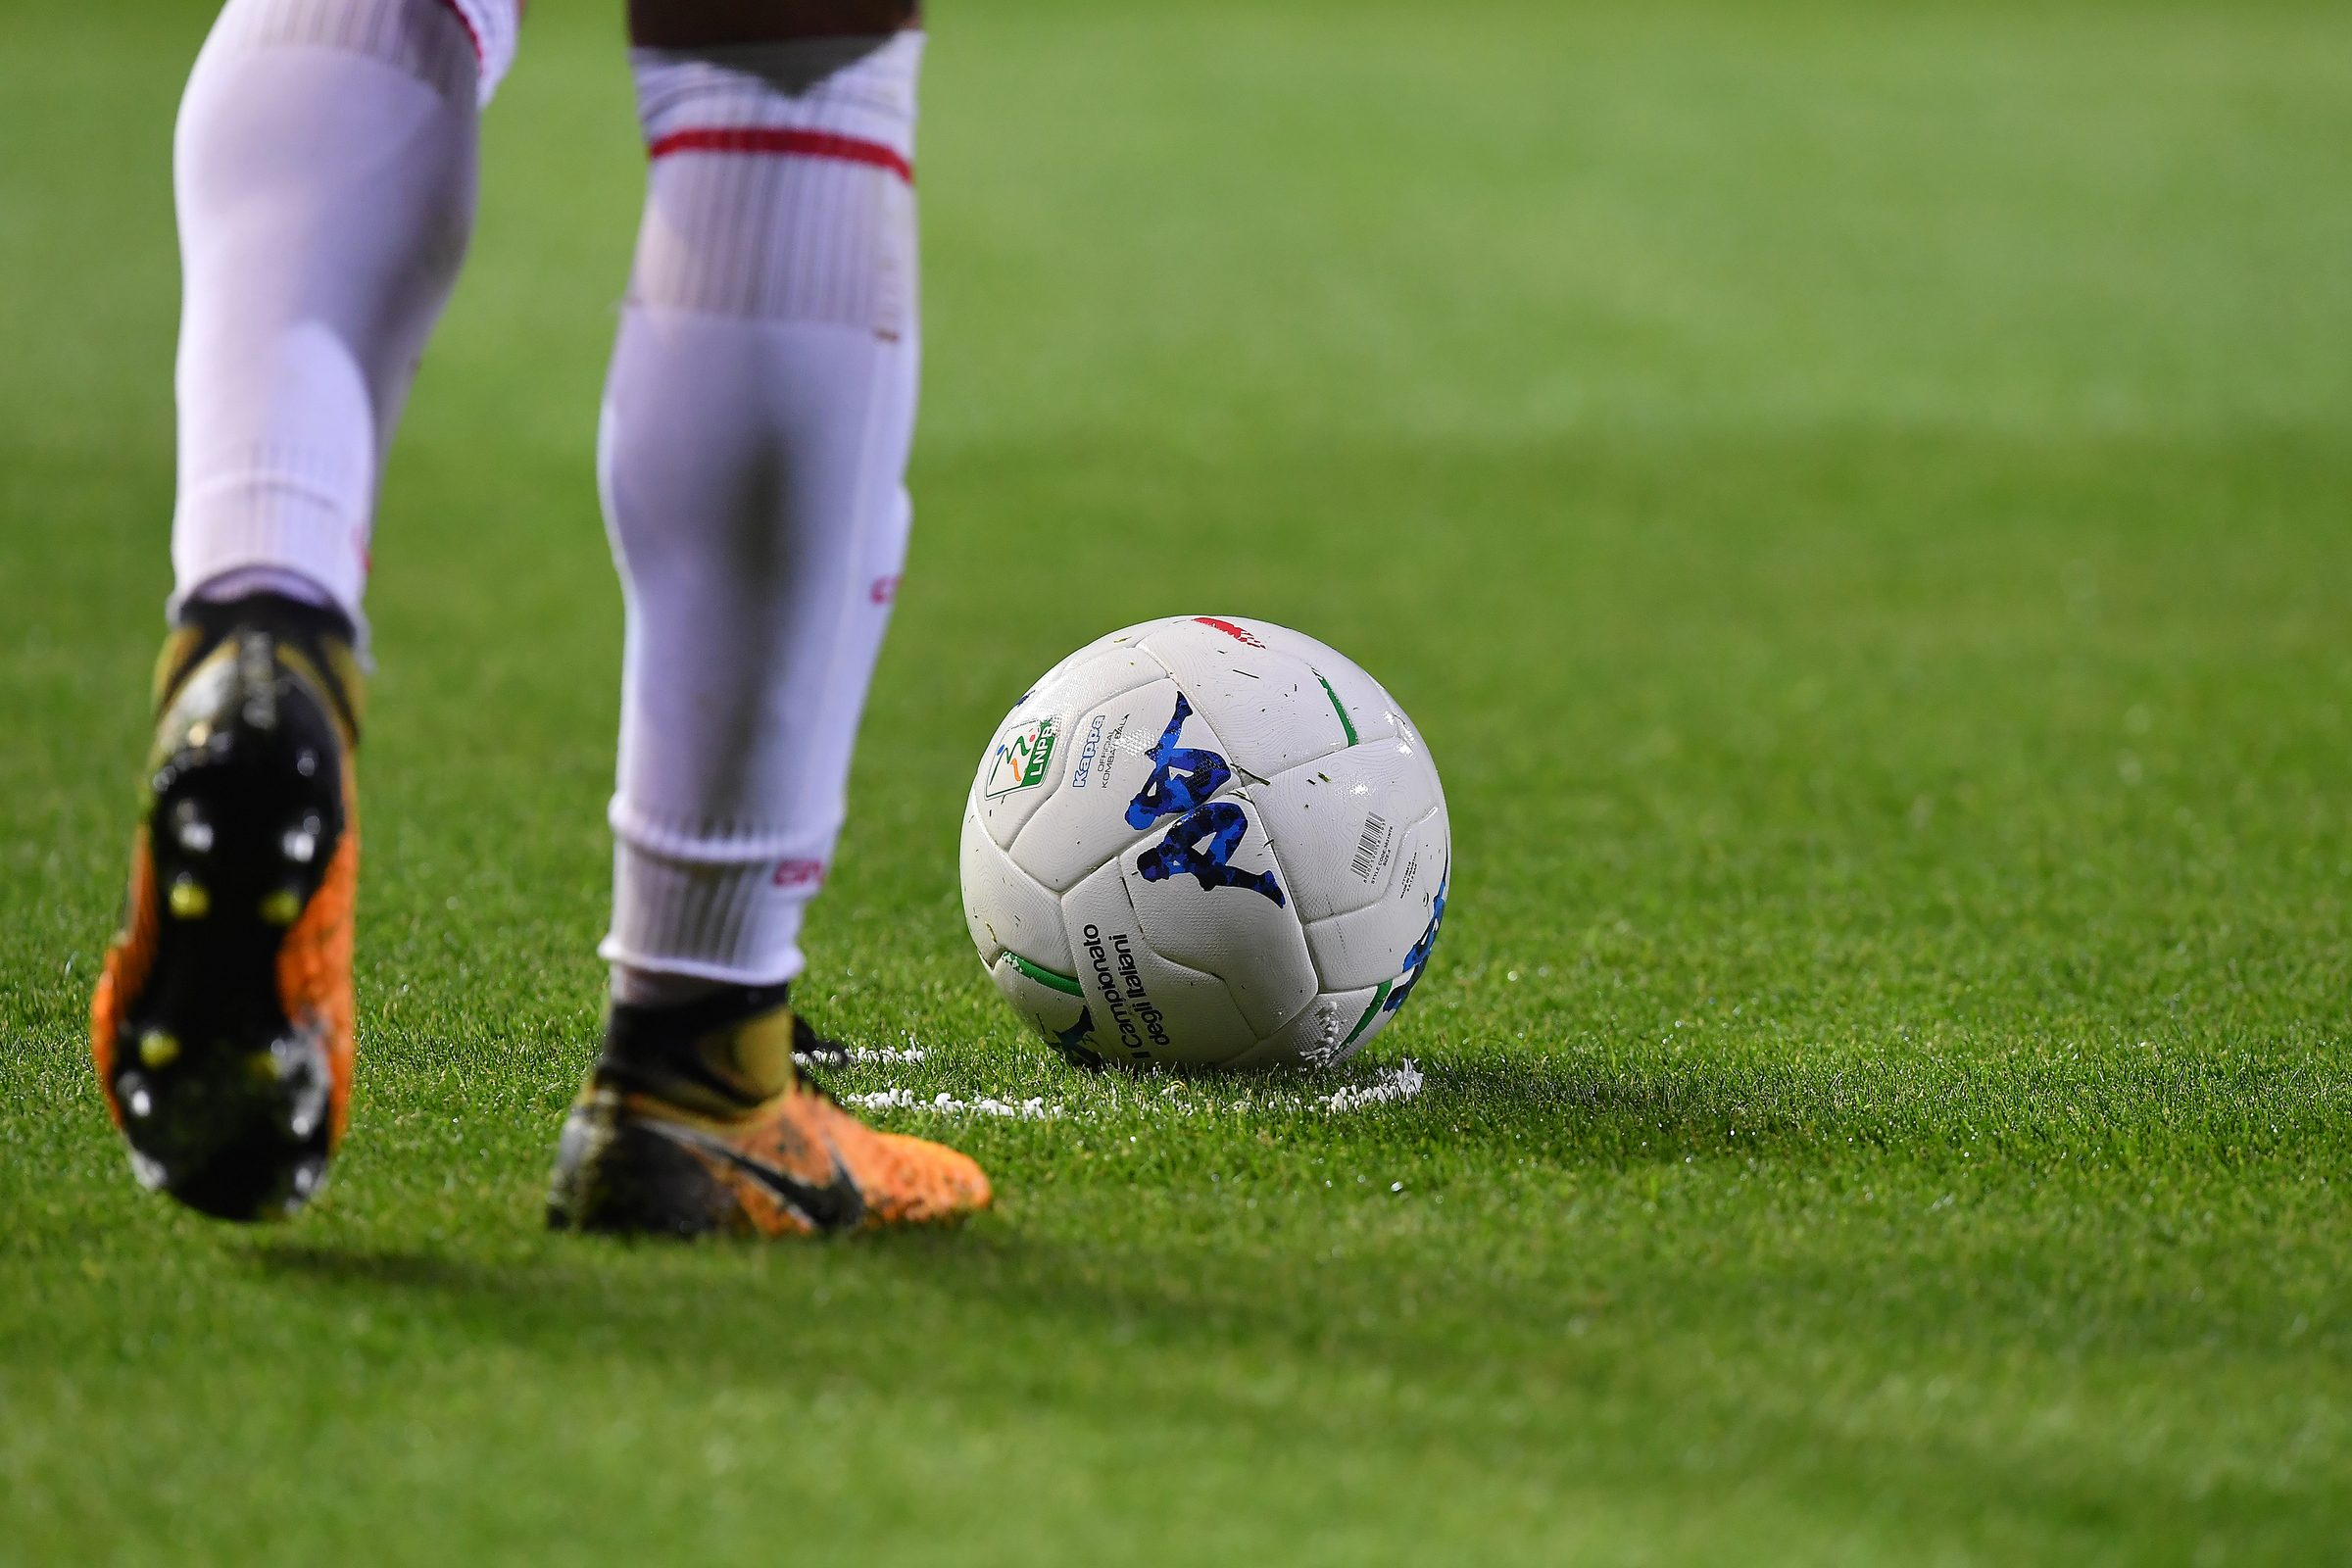 Calendario Perugia Calcio 2020.Calendario Serie B 2019 2020 Tutte Le 38 Giornate Nel Pdf